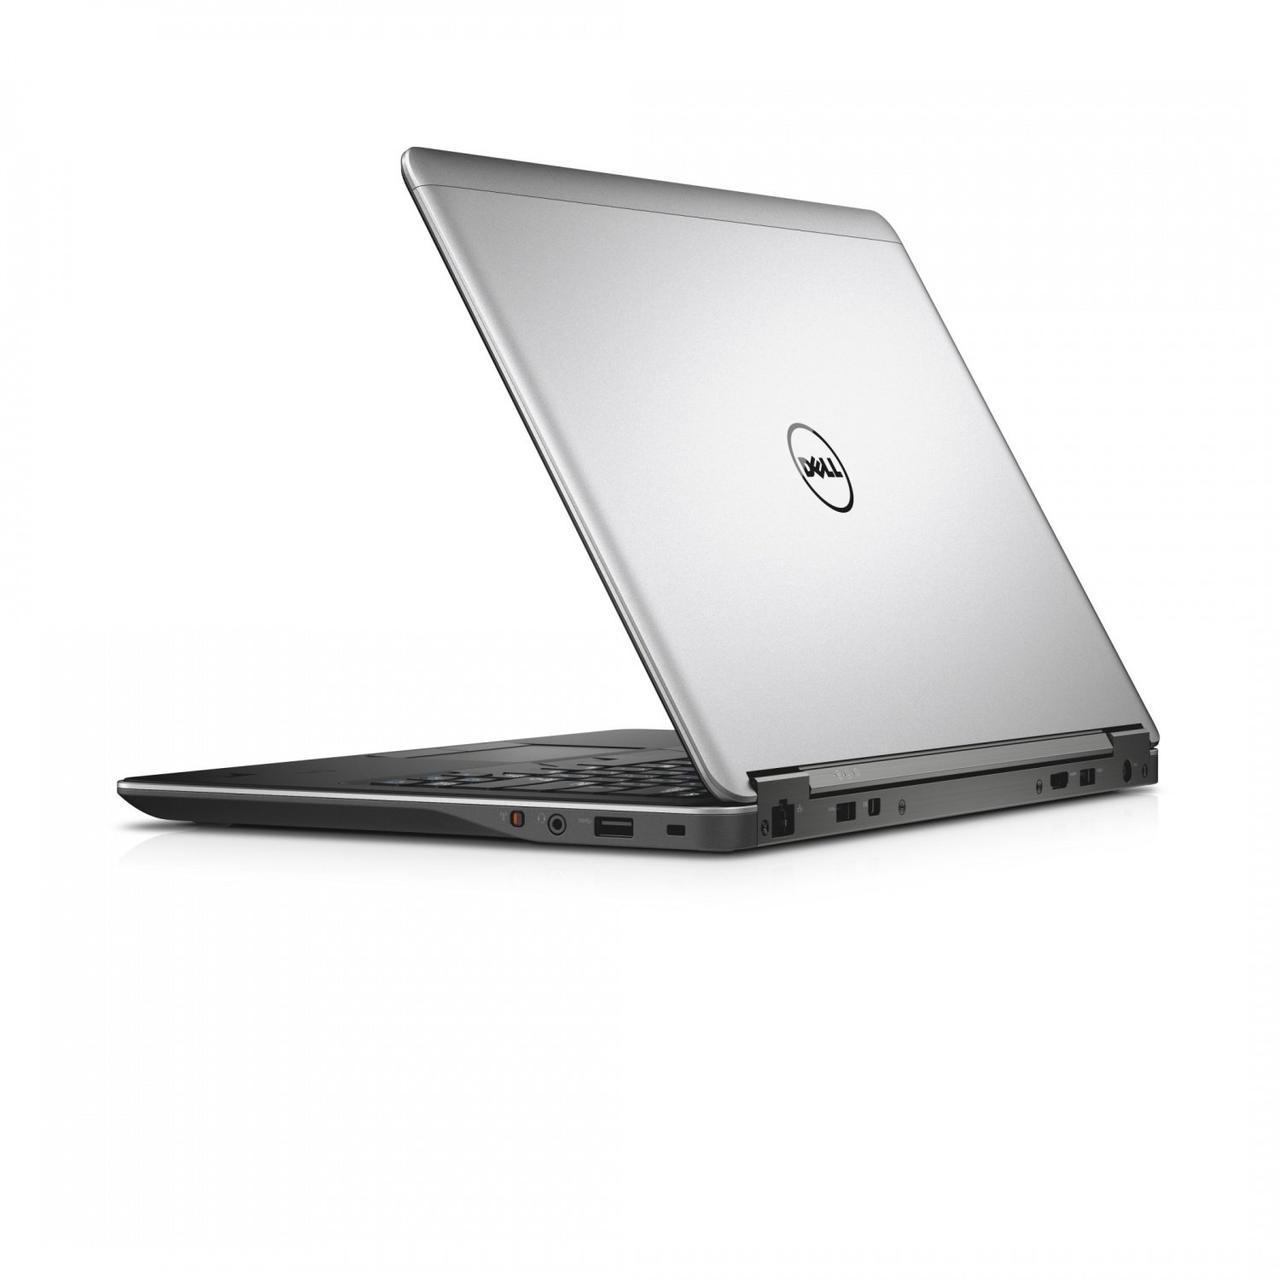 Б/У Dell Latitude E7440 14″ FullHD IPS  i5-4310U / 8Gb DDR3 /SSDНет в наличии